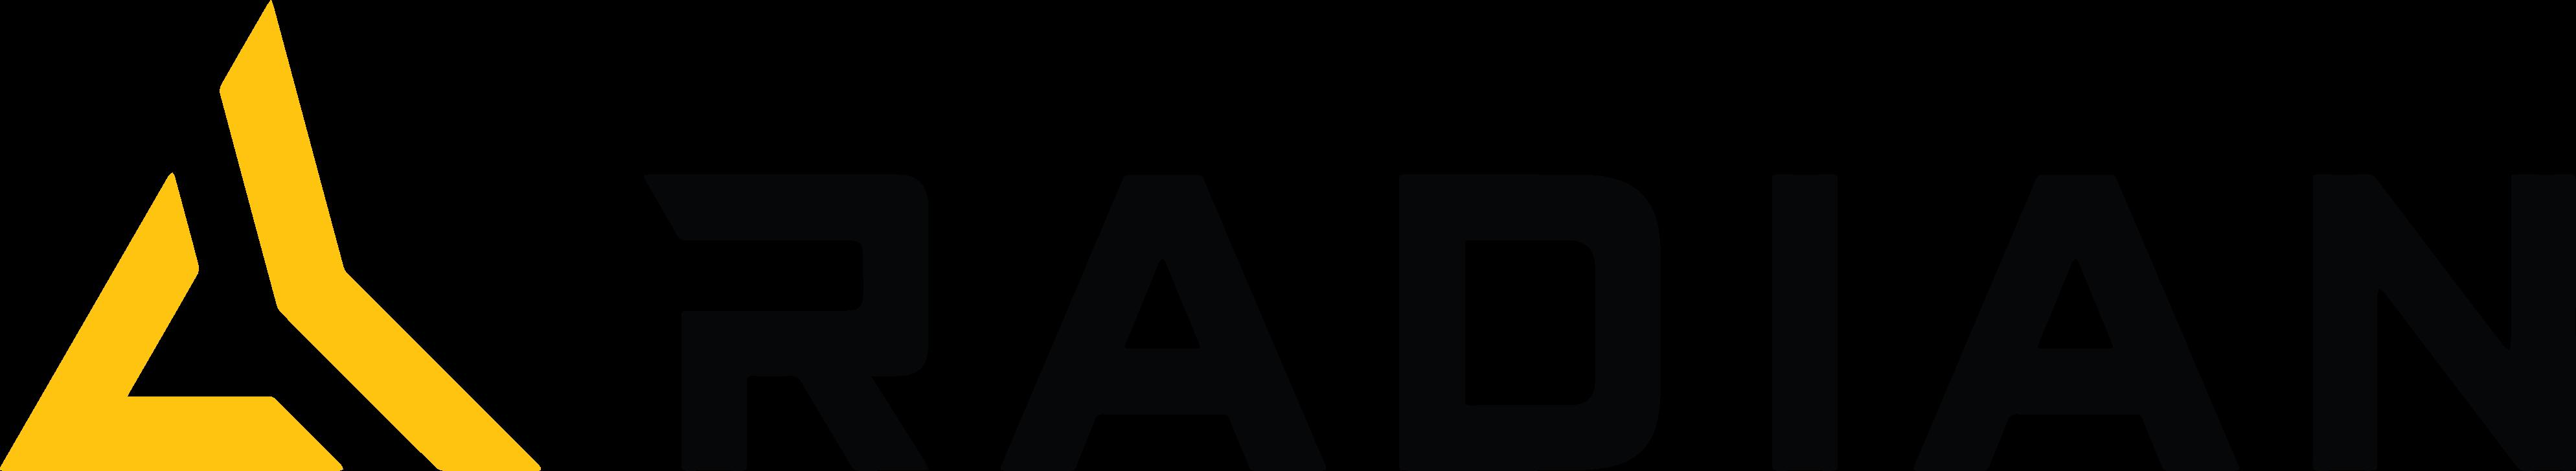 logo-radian.png